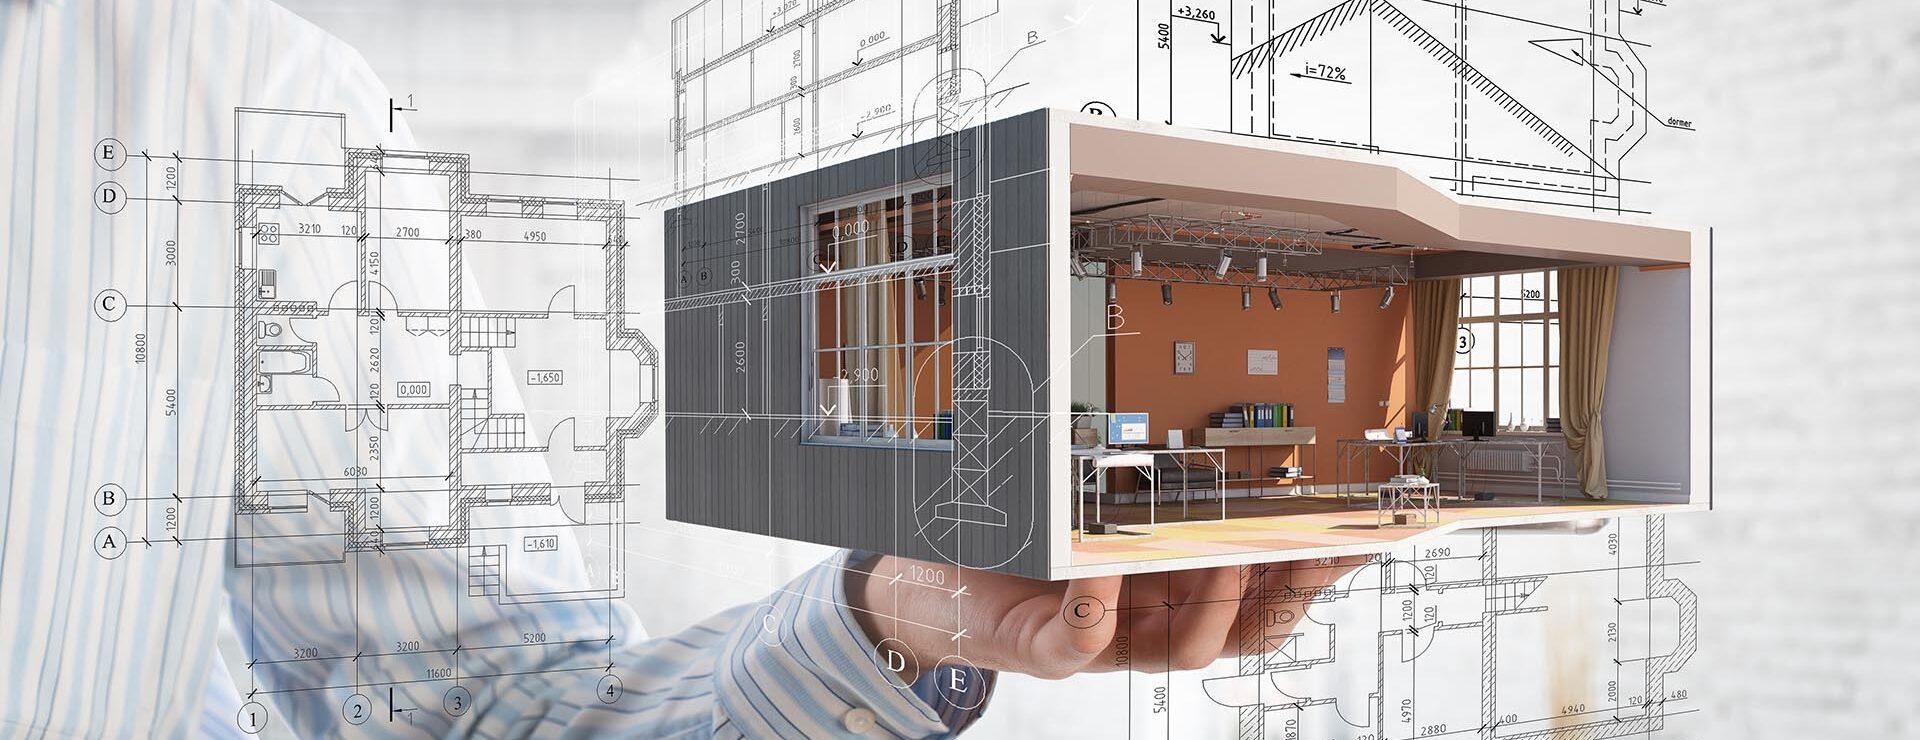 Проектирование объектов коммерческого и социального назначения